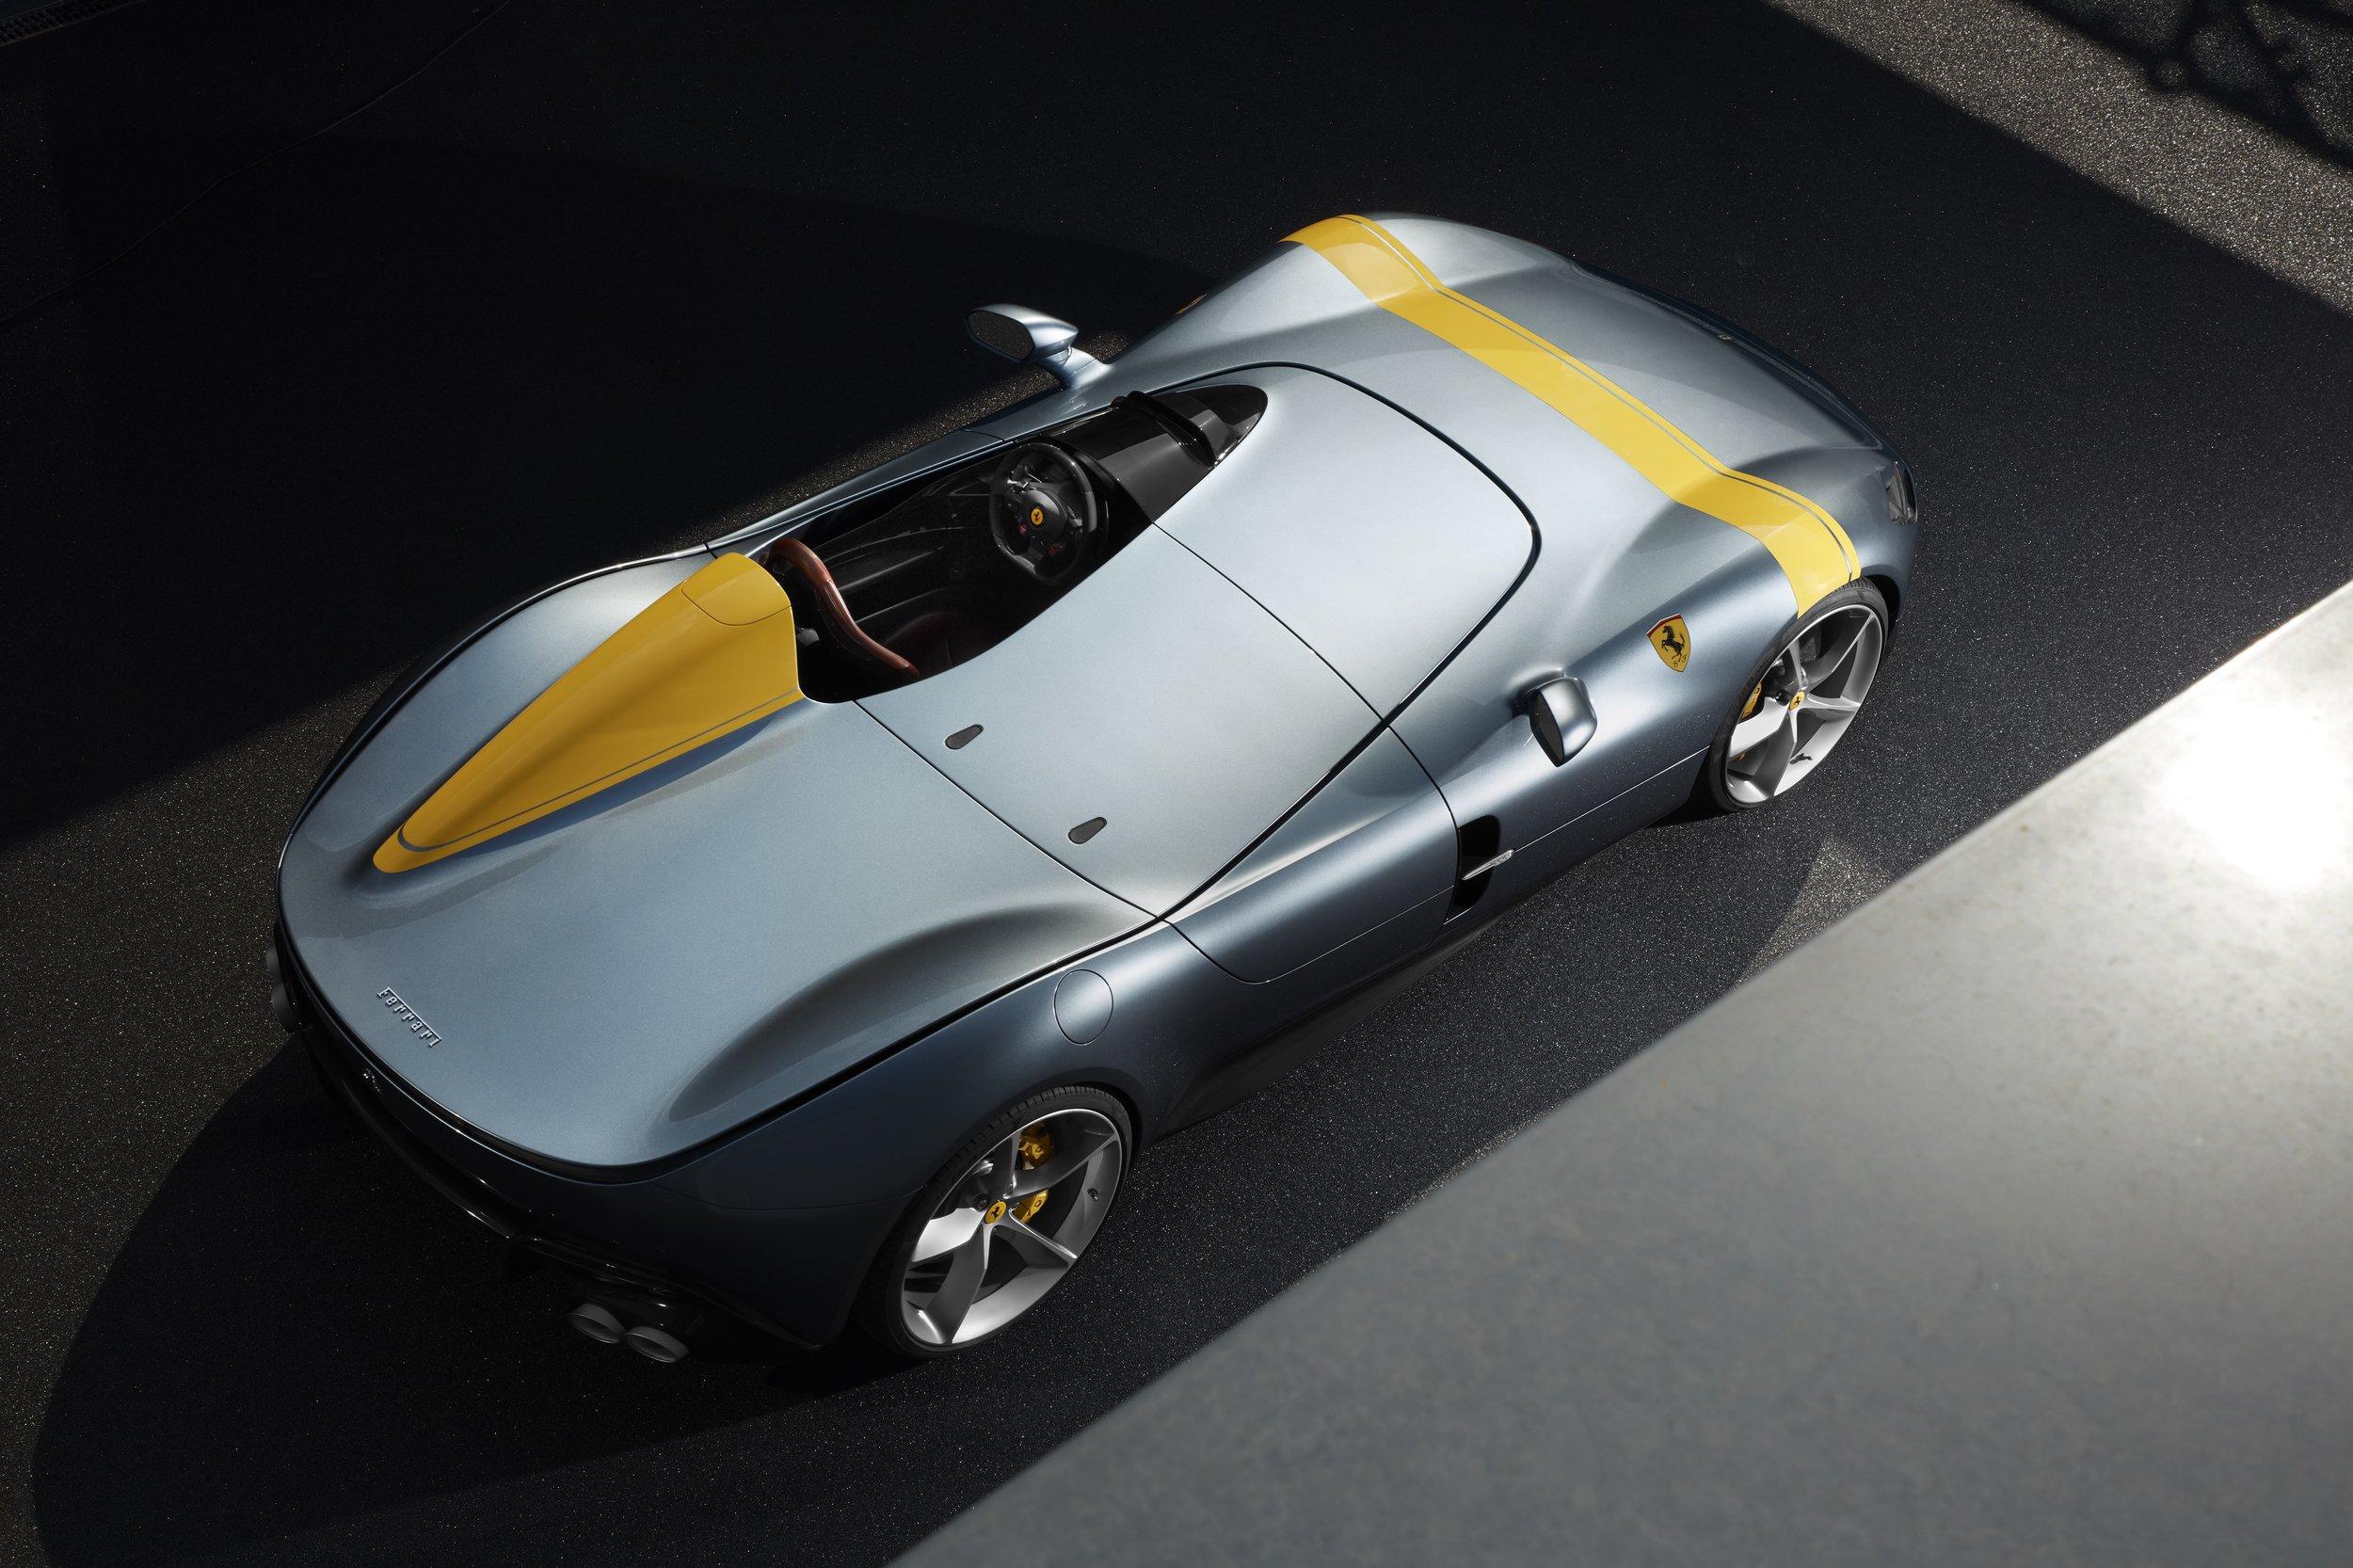 Monza sp1